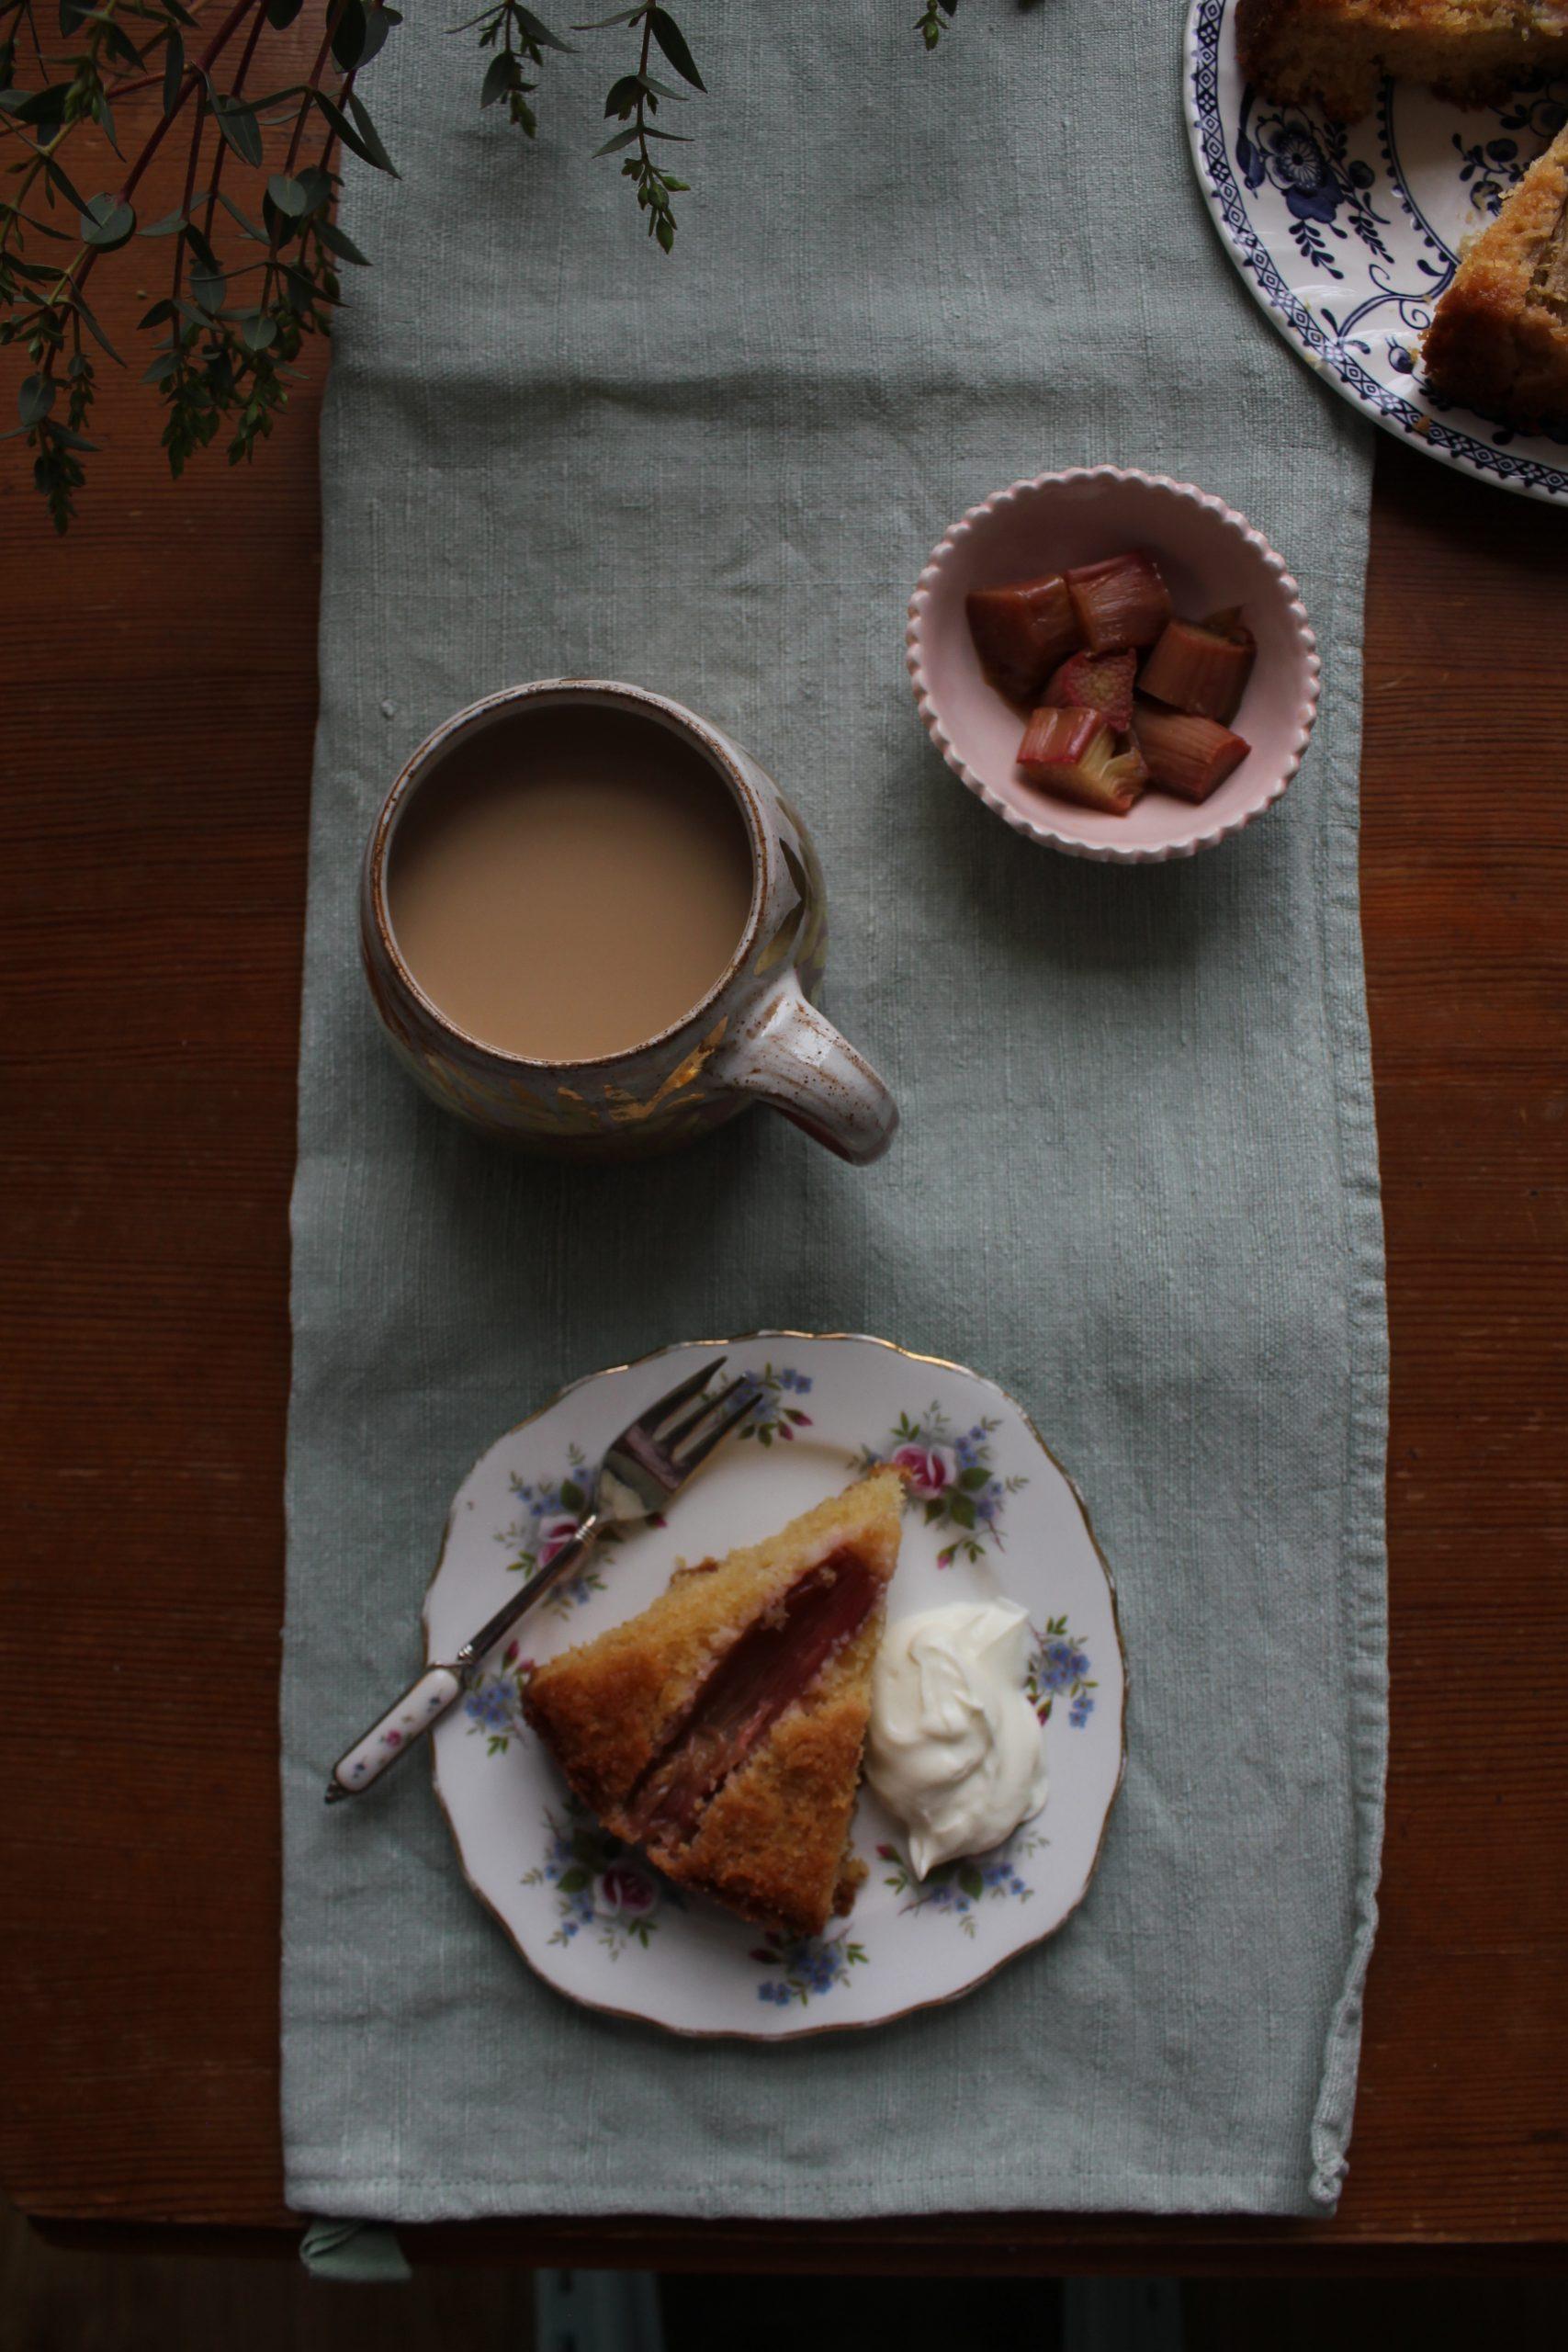 Rhubarb & Elderflower Cake